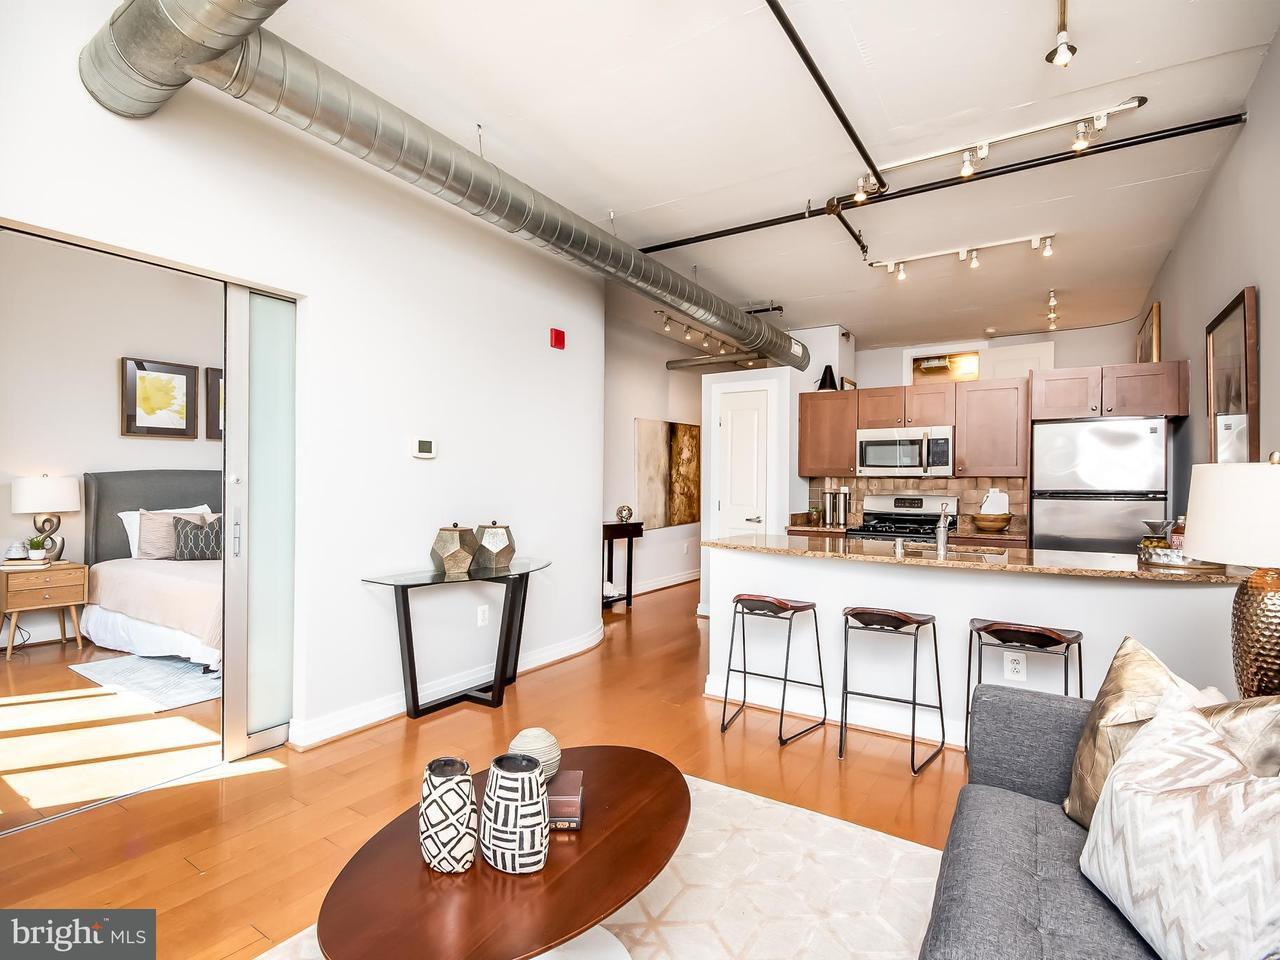 2-bedroom-in-DC-for-$500K